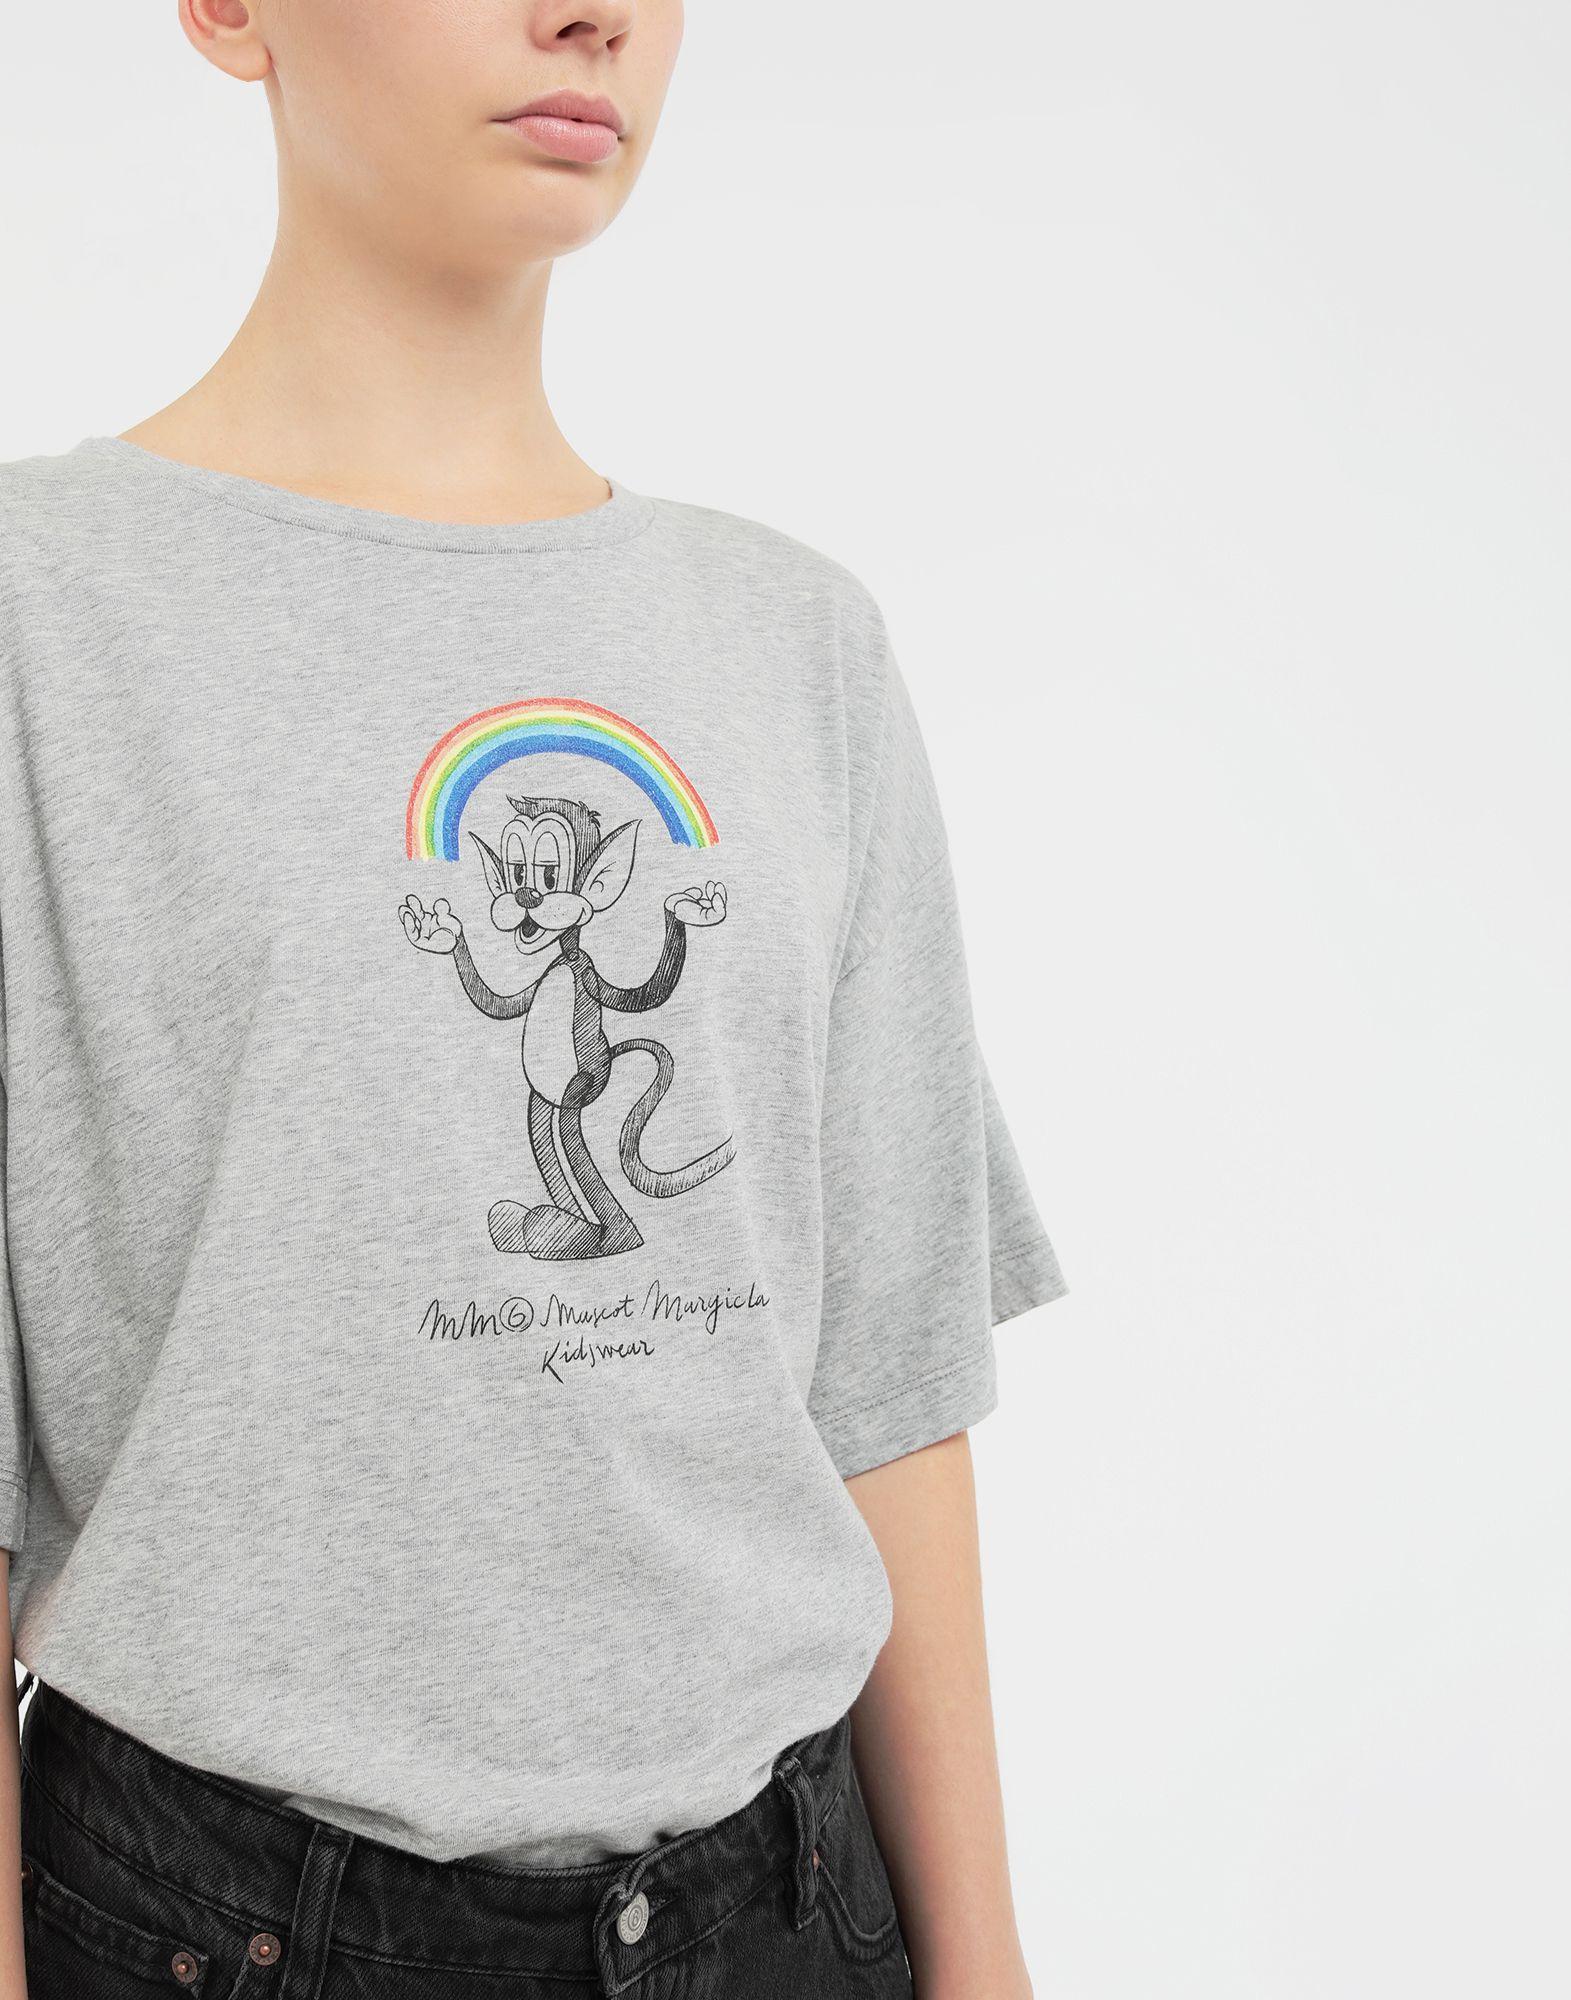 MM6 MAISON MARGIELA Rainbowmaker print T-shirt Short sleeve t-shirt Woman b